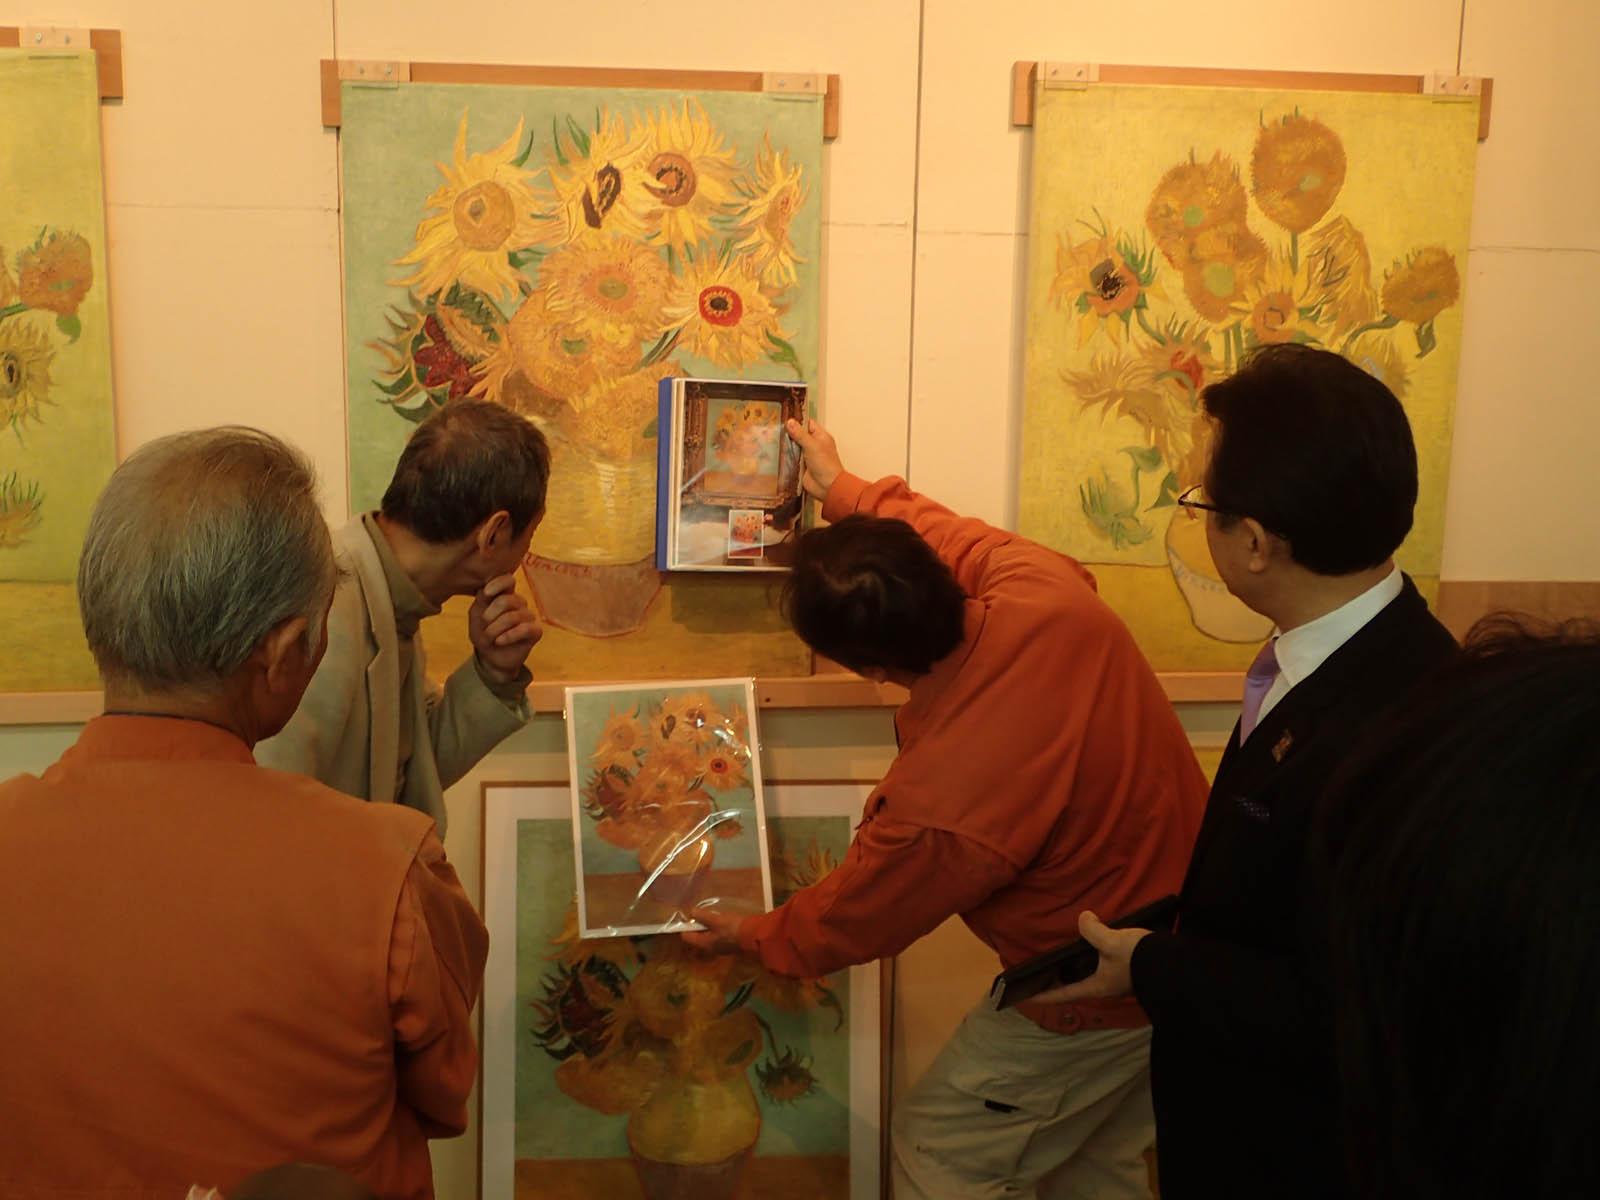 フィラデルフィア美術館所蔵のゴッホの「ヒマワリ」検証の様子。 (画像提供:大塚オーミ陶業株式会社)